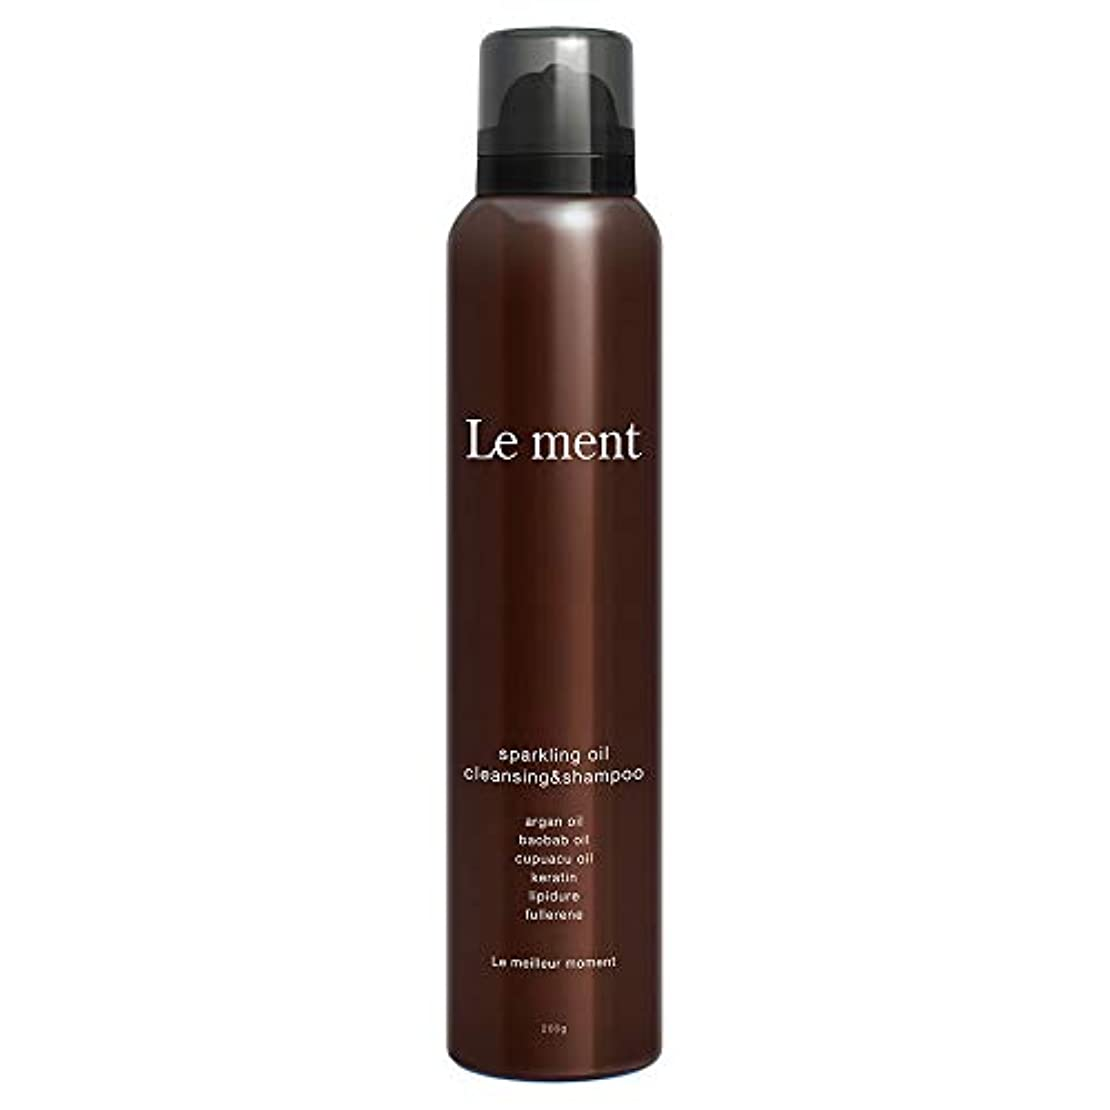 十分コンソールニコチンLe ment -sparkling oil cleansing & shampoo -